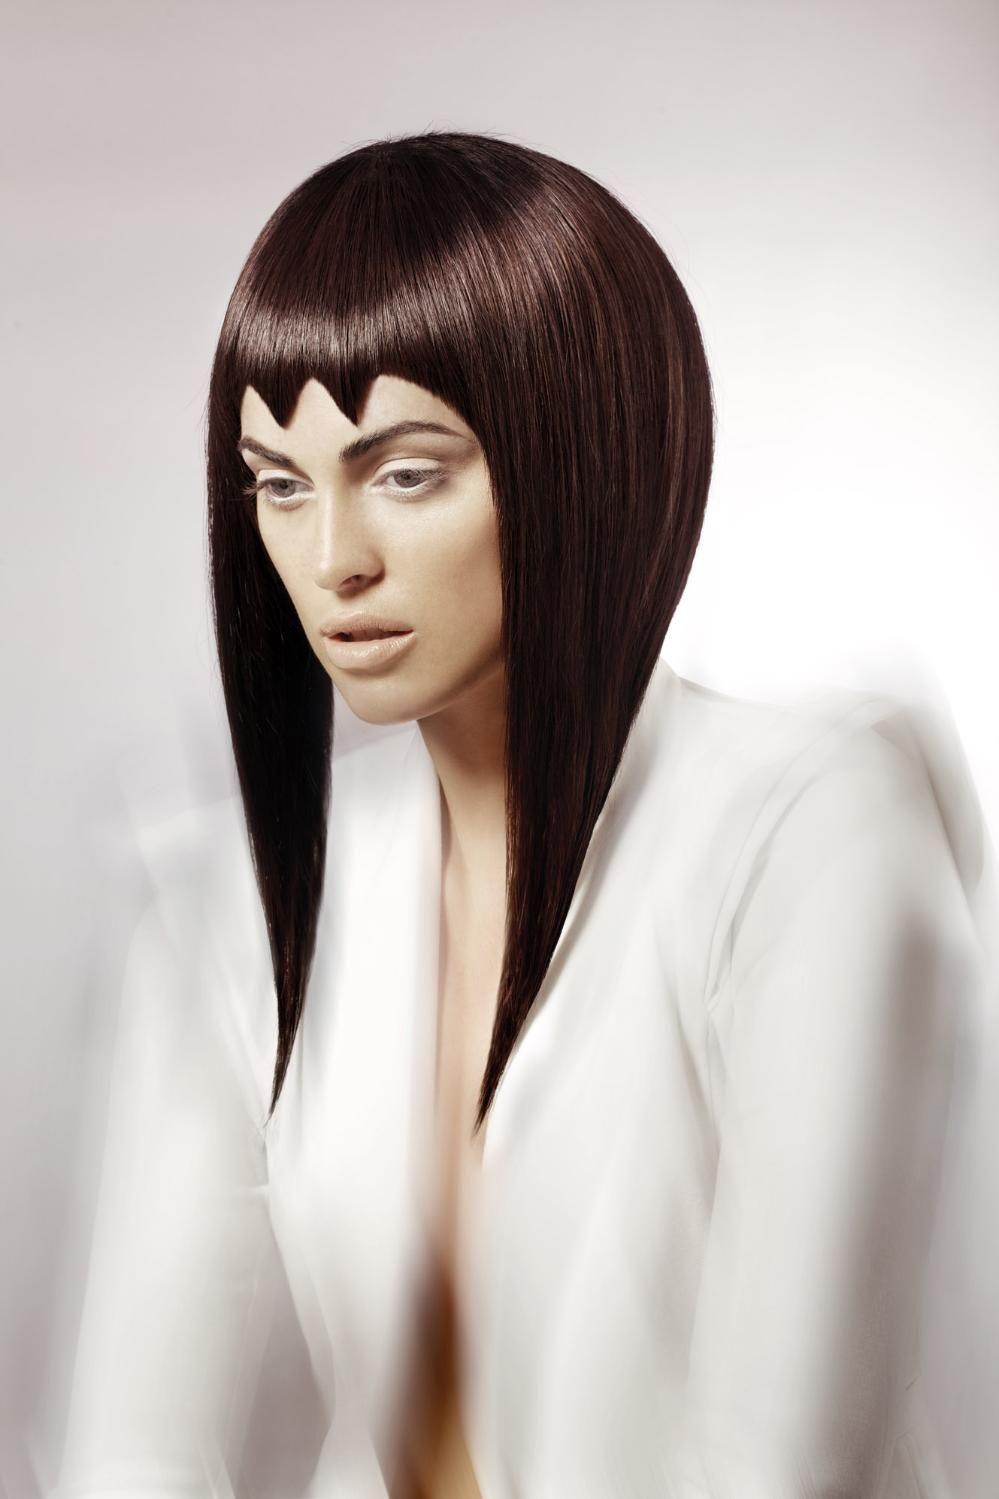 CREDITSHair-Kobi Bokshish-Intershape Hairstylists@www.intershape.com.auPhotography- Henryk Lobaczewski@www.henrykphoto.comMakeup- Amelia Axt ...